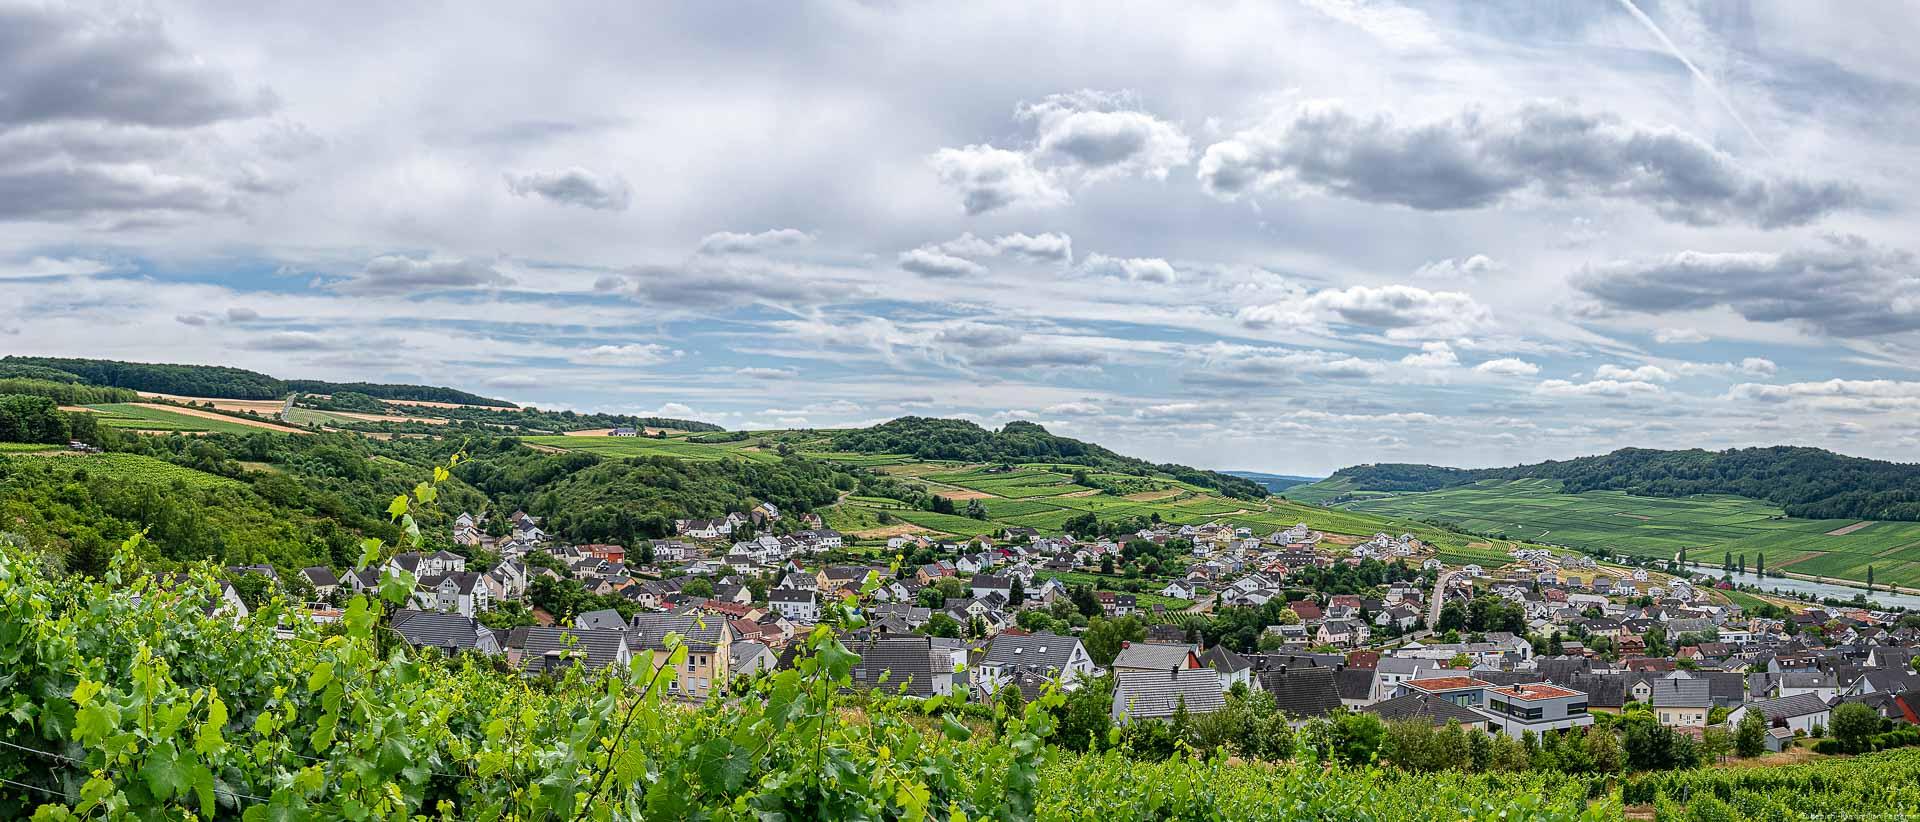 Weinberge im Vordergrund, Dorf in der Mitte, Mosel auf der rechten Seite sowie Weinberge und bewölkter Himmel im Hintergrund